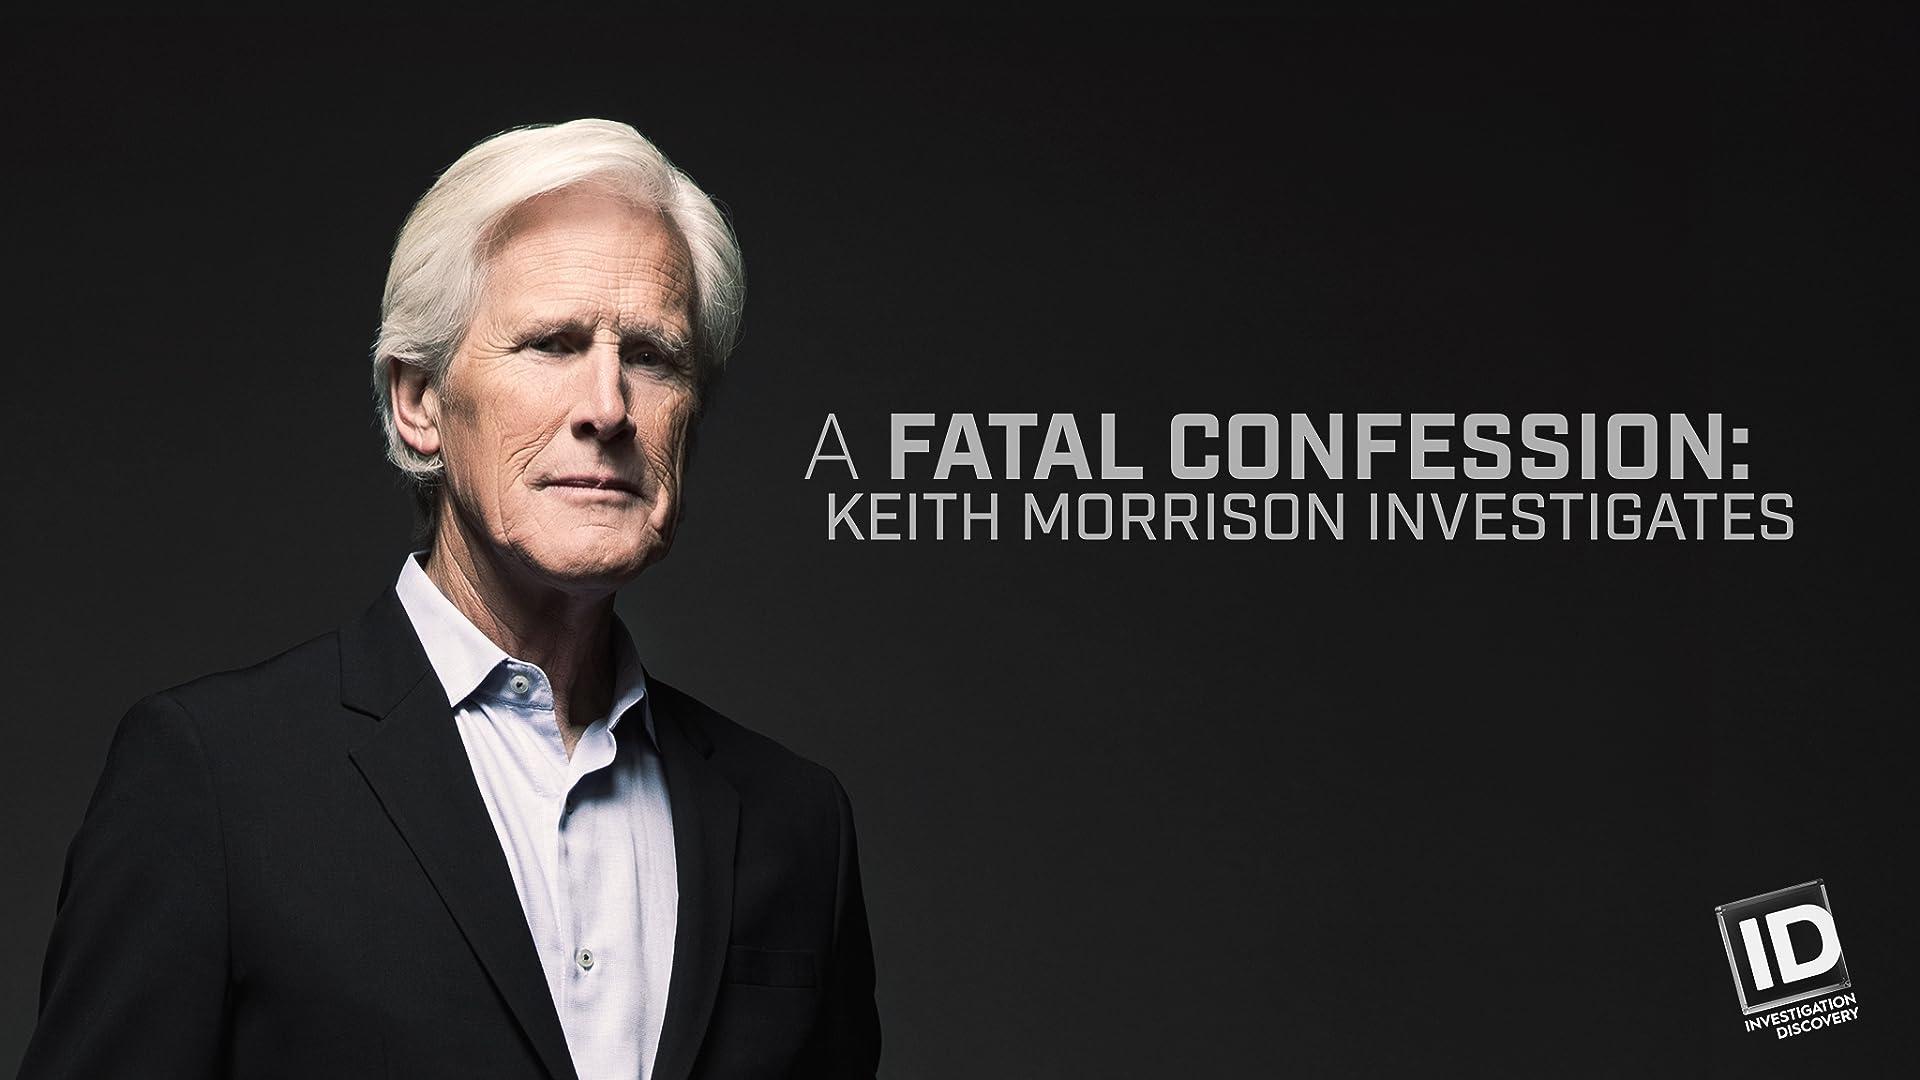 A Fatal Confession: Keith Morrison Investigates - Season 1